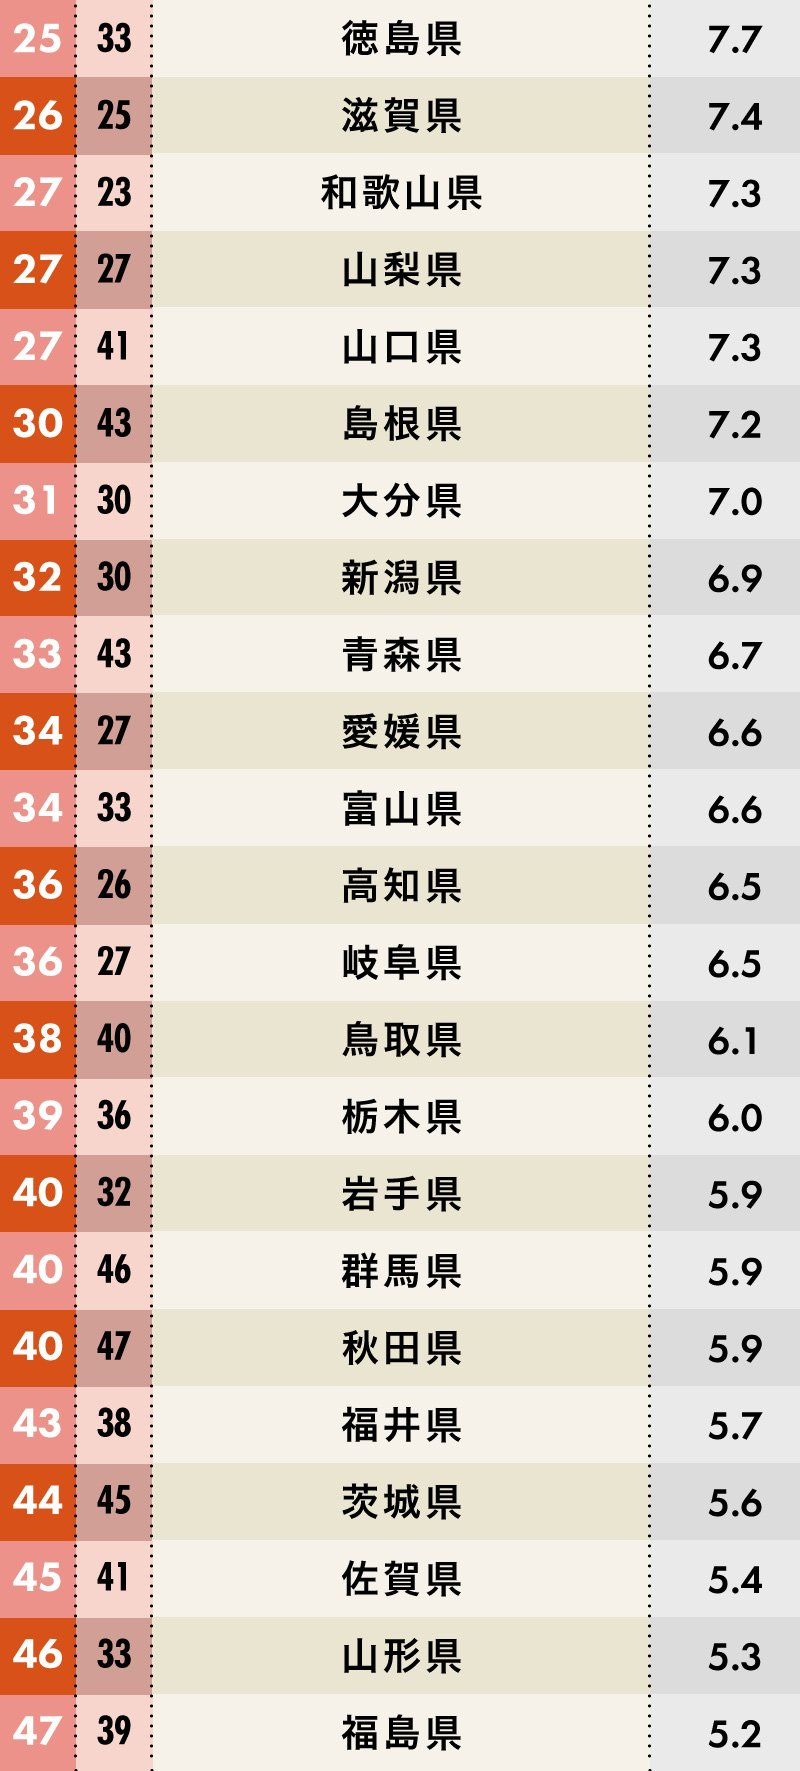 住みたい都道府県ランキング26位~47位